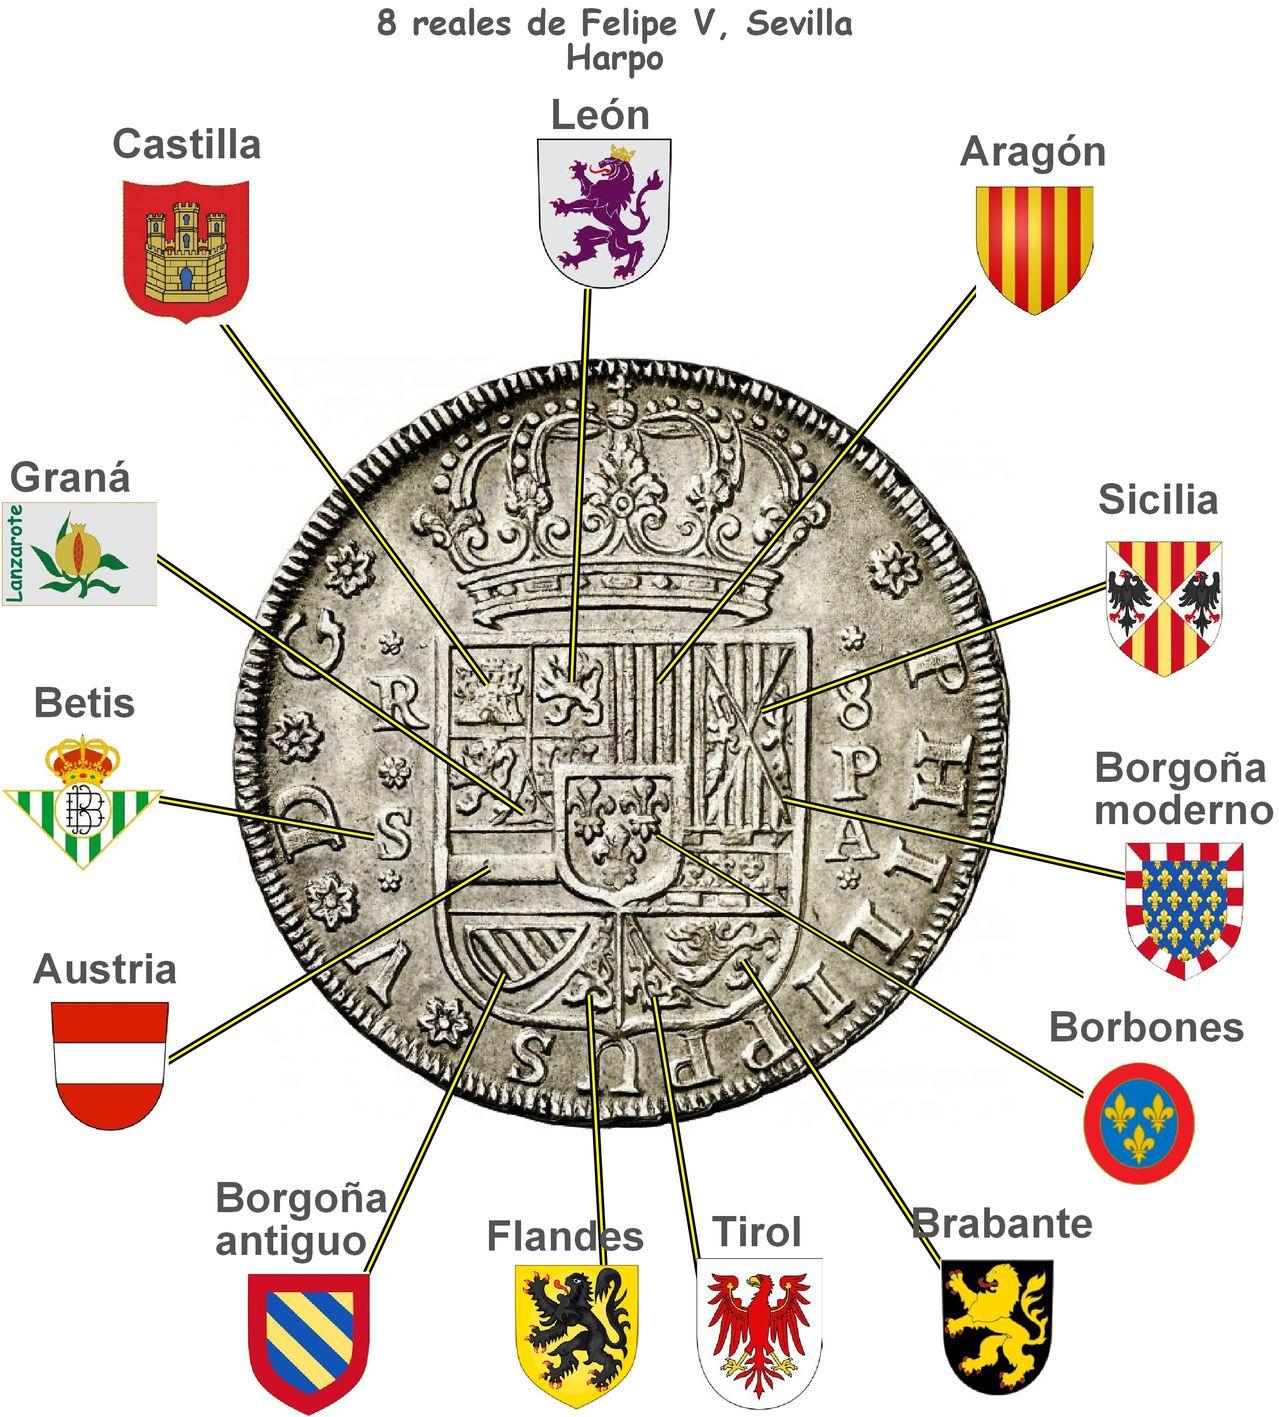 8 REALES • FELIPE V • 1731 • SEVILLA • Dedicada a LANZAROTE - Página 2 Harpo_sevilla_escudo